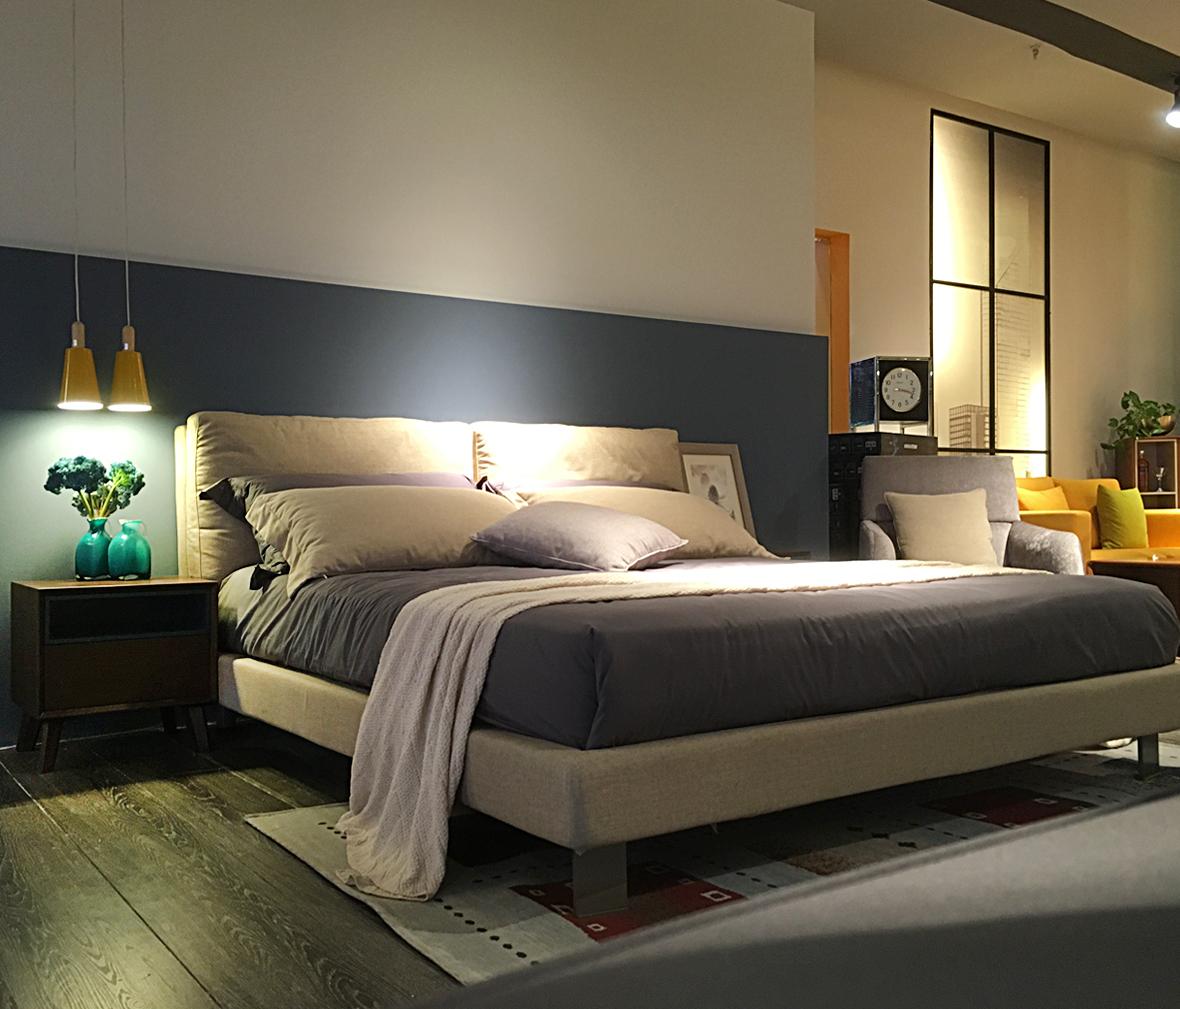 思利明兰 1621型号床 布艺材质现代简约风格卧室家具图片